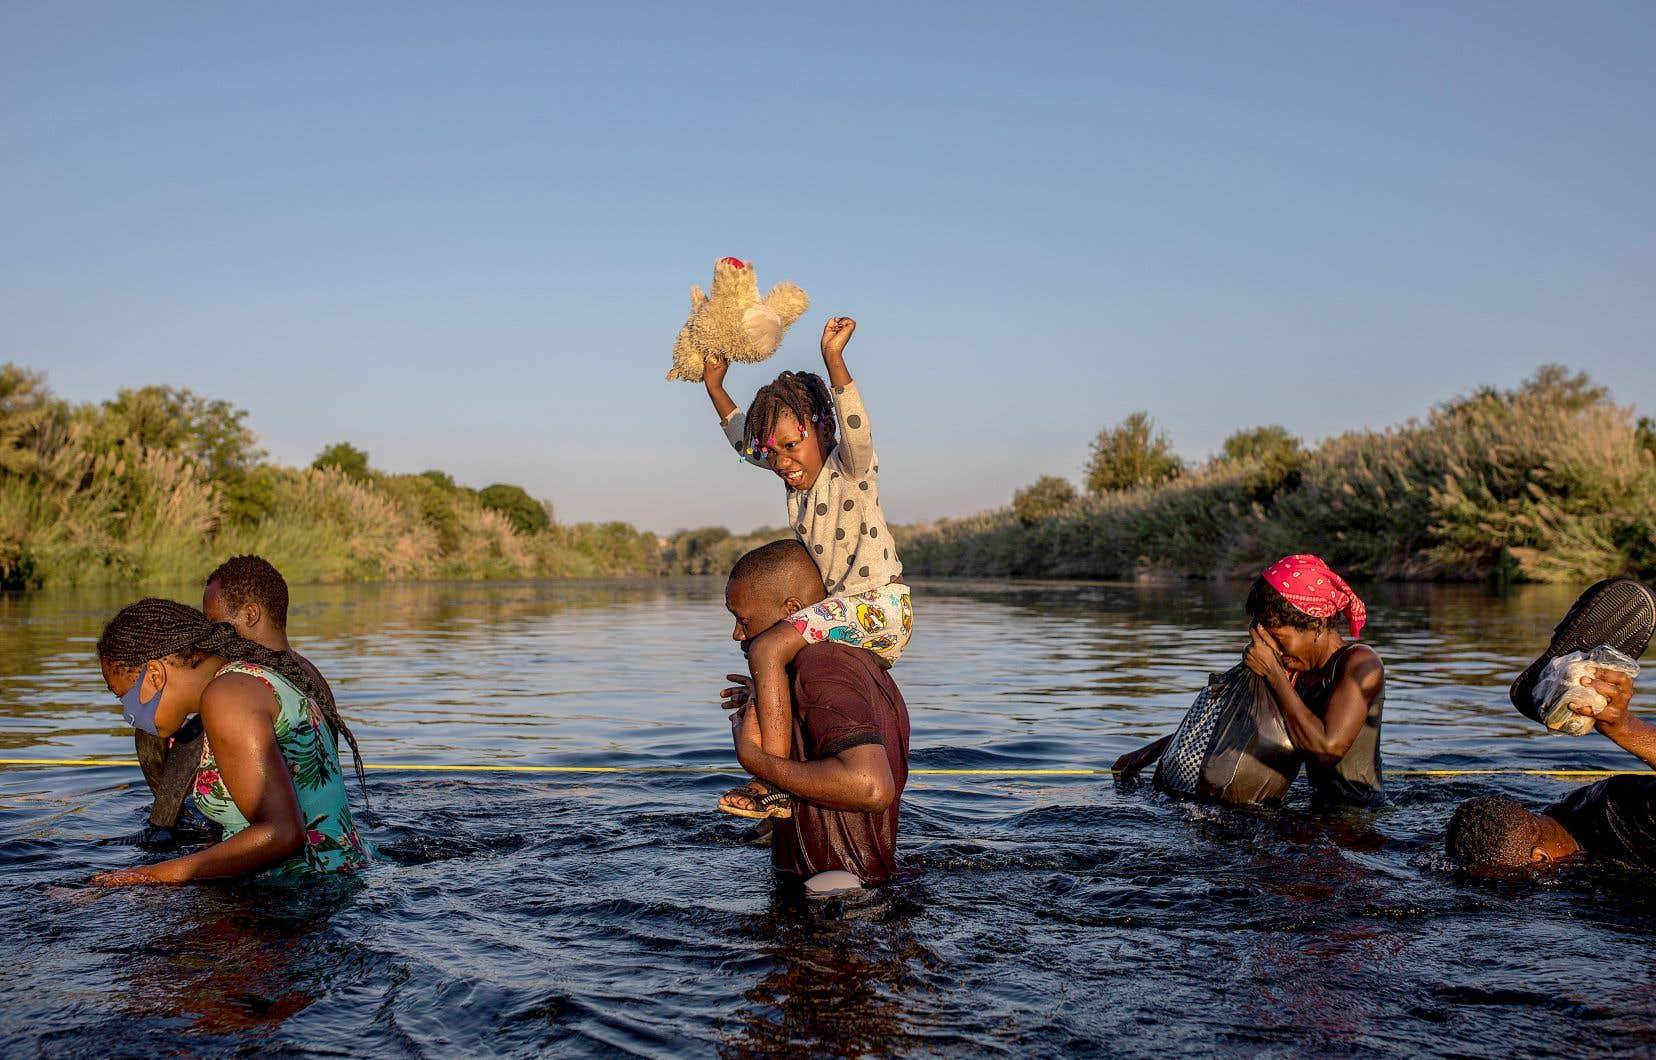 Les États-Unis font face à un afflux de réfugiés à la frontière avec le Mexique depuis le début de l'année. Sur la photo, des migrants en provenance d'Haïti espérant s'établir aux États-Unis rebroussent chemin vers le Mexique pour éviter d'être expulsés par les Américains.